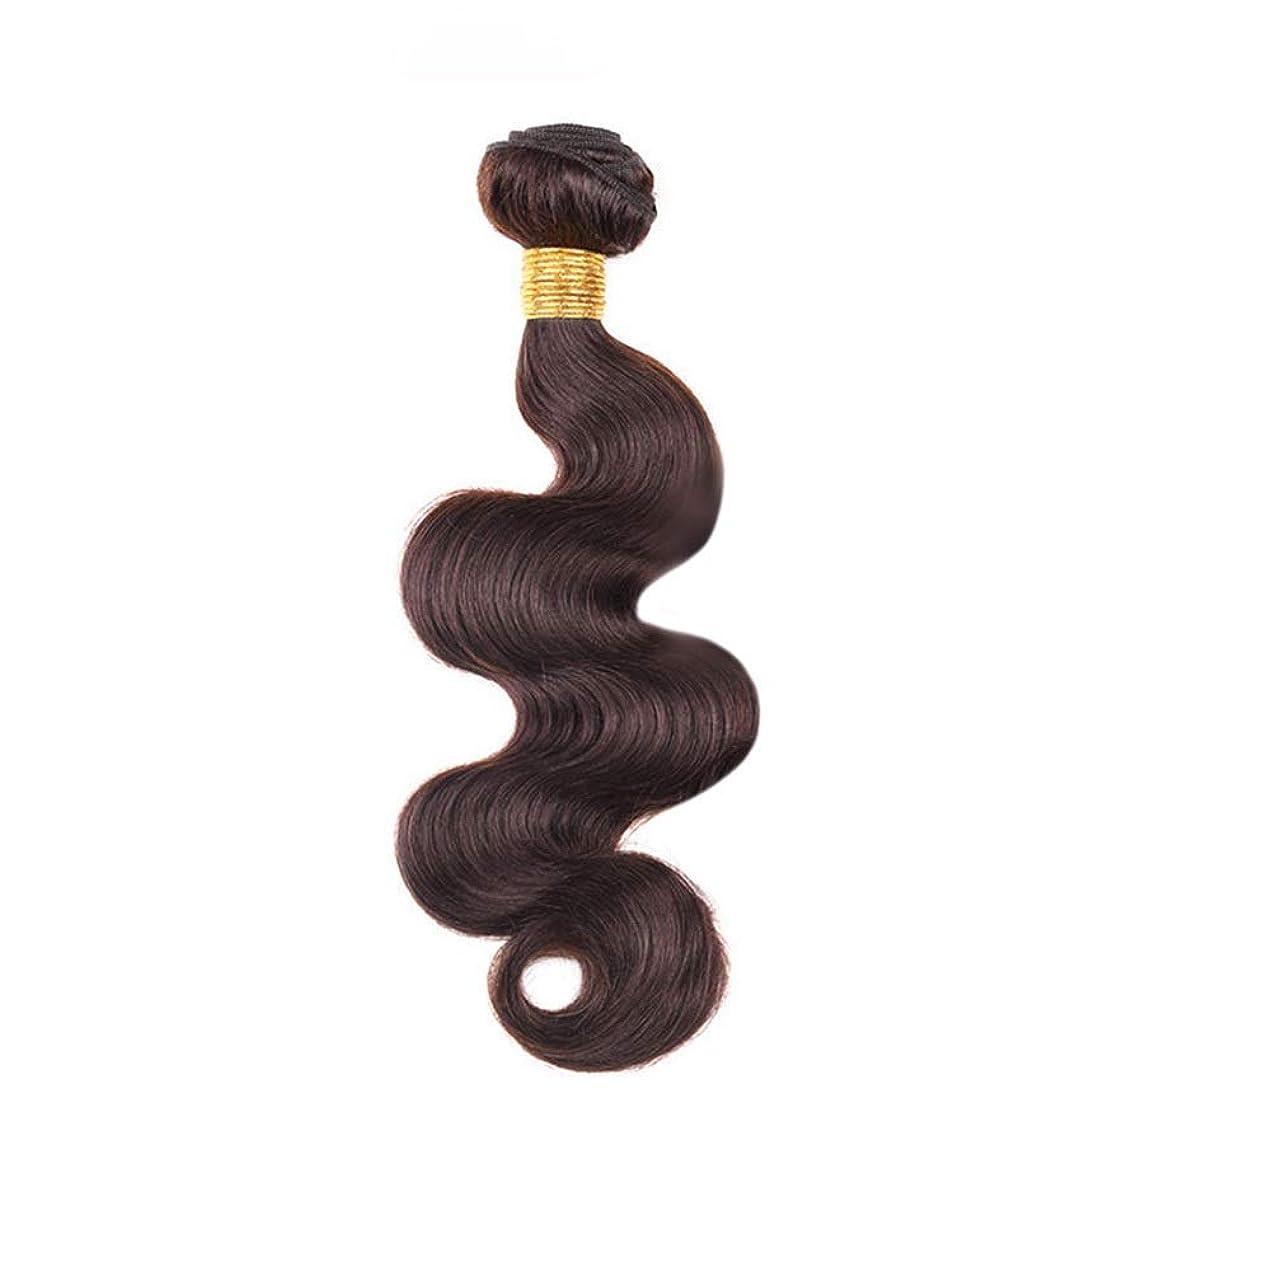 ロースト拍車心理的にBOBIDYEE 100%人毛織りバンドルリアルレミーナチュラルヘアエクステンション横糸 - ボディウェーブ - 2#ダークブラウン(100g / 1バンドル、10インチ-24インチ)複合毛レースかつらロールプレイングウィッグロング&ショート女性ネイチャー (色 : Dark brown, サイズ : 16 inch)